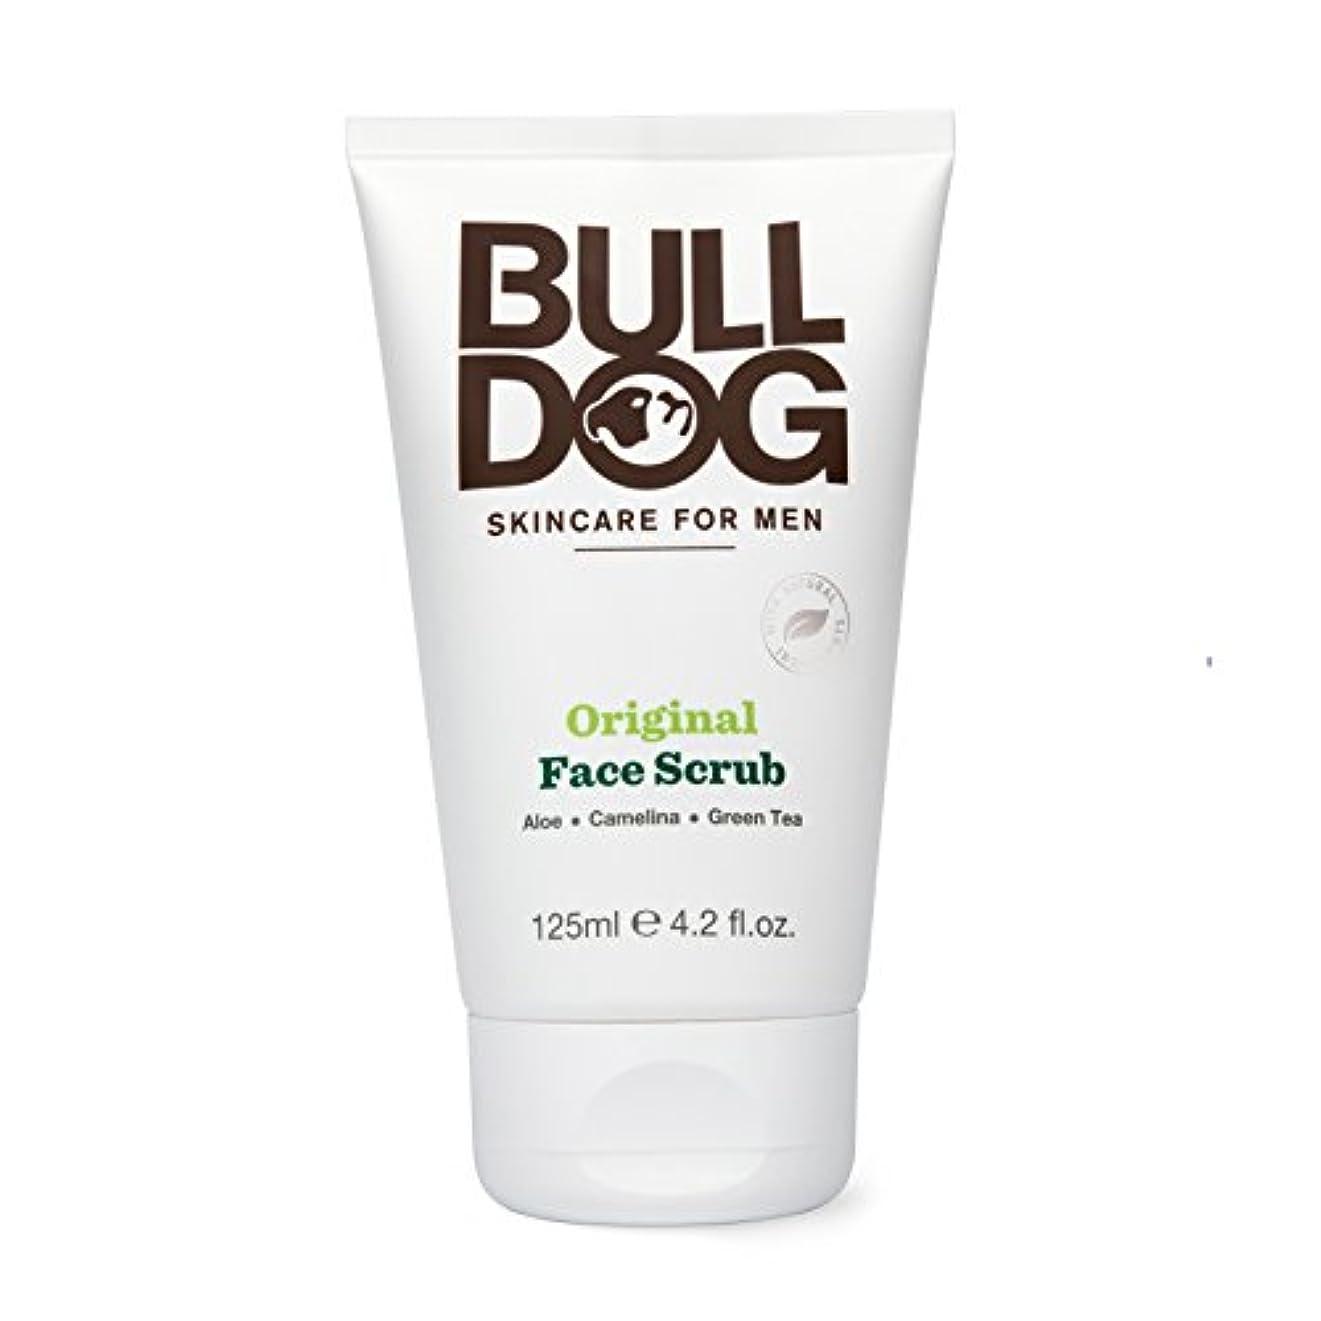 入浴規則性ブランド名ブルドッグ Bulldog オリジナル フェイススクラブ(洗顔料) 125mL